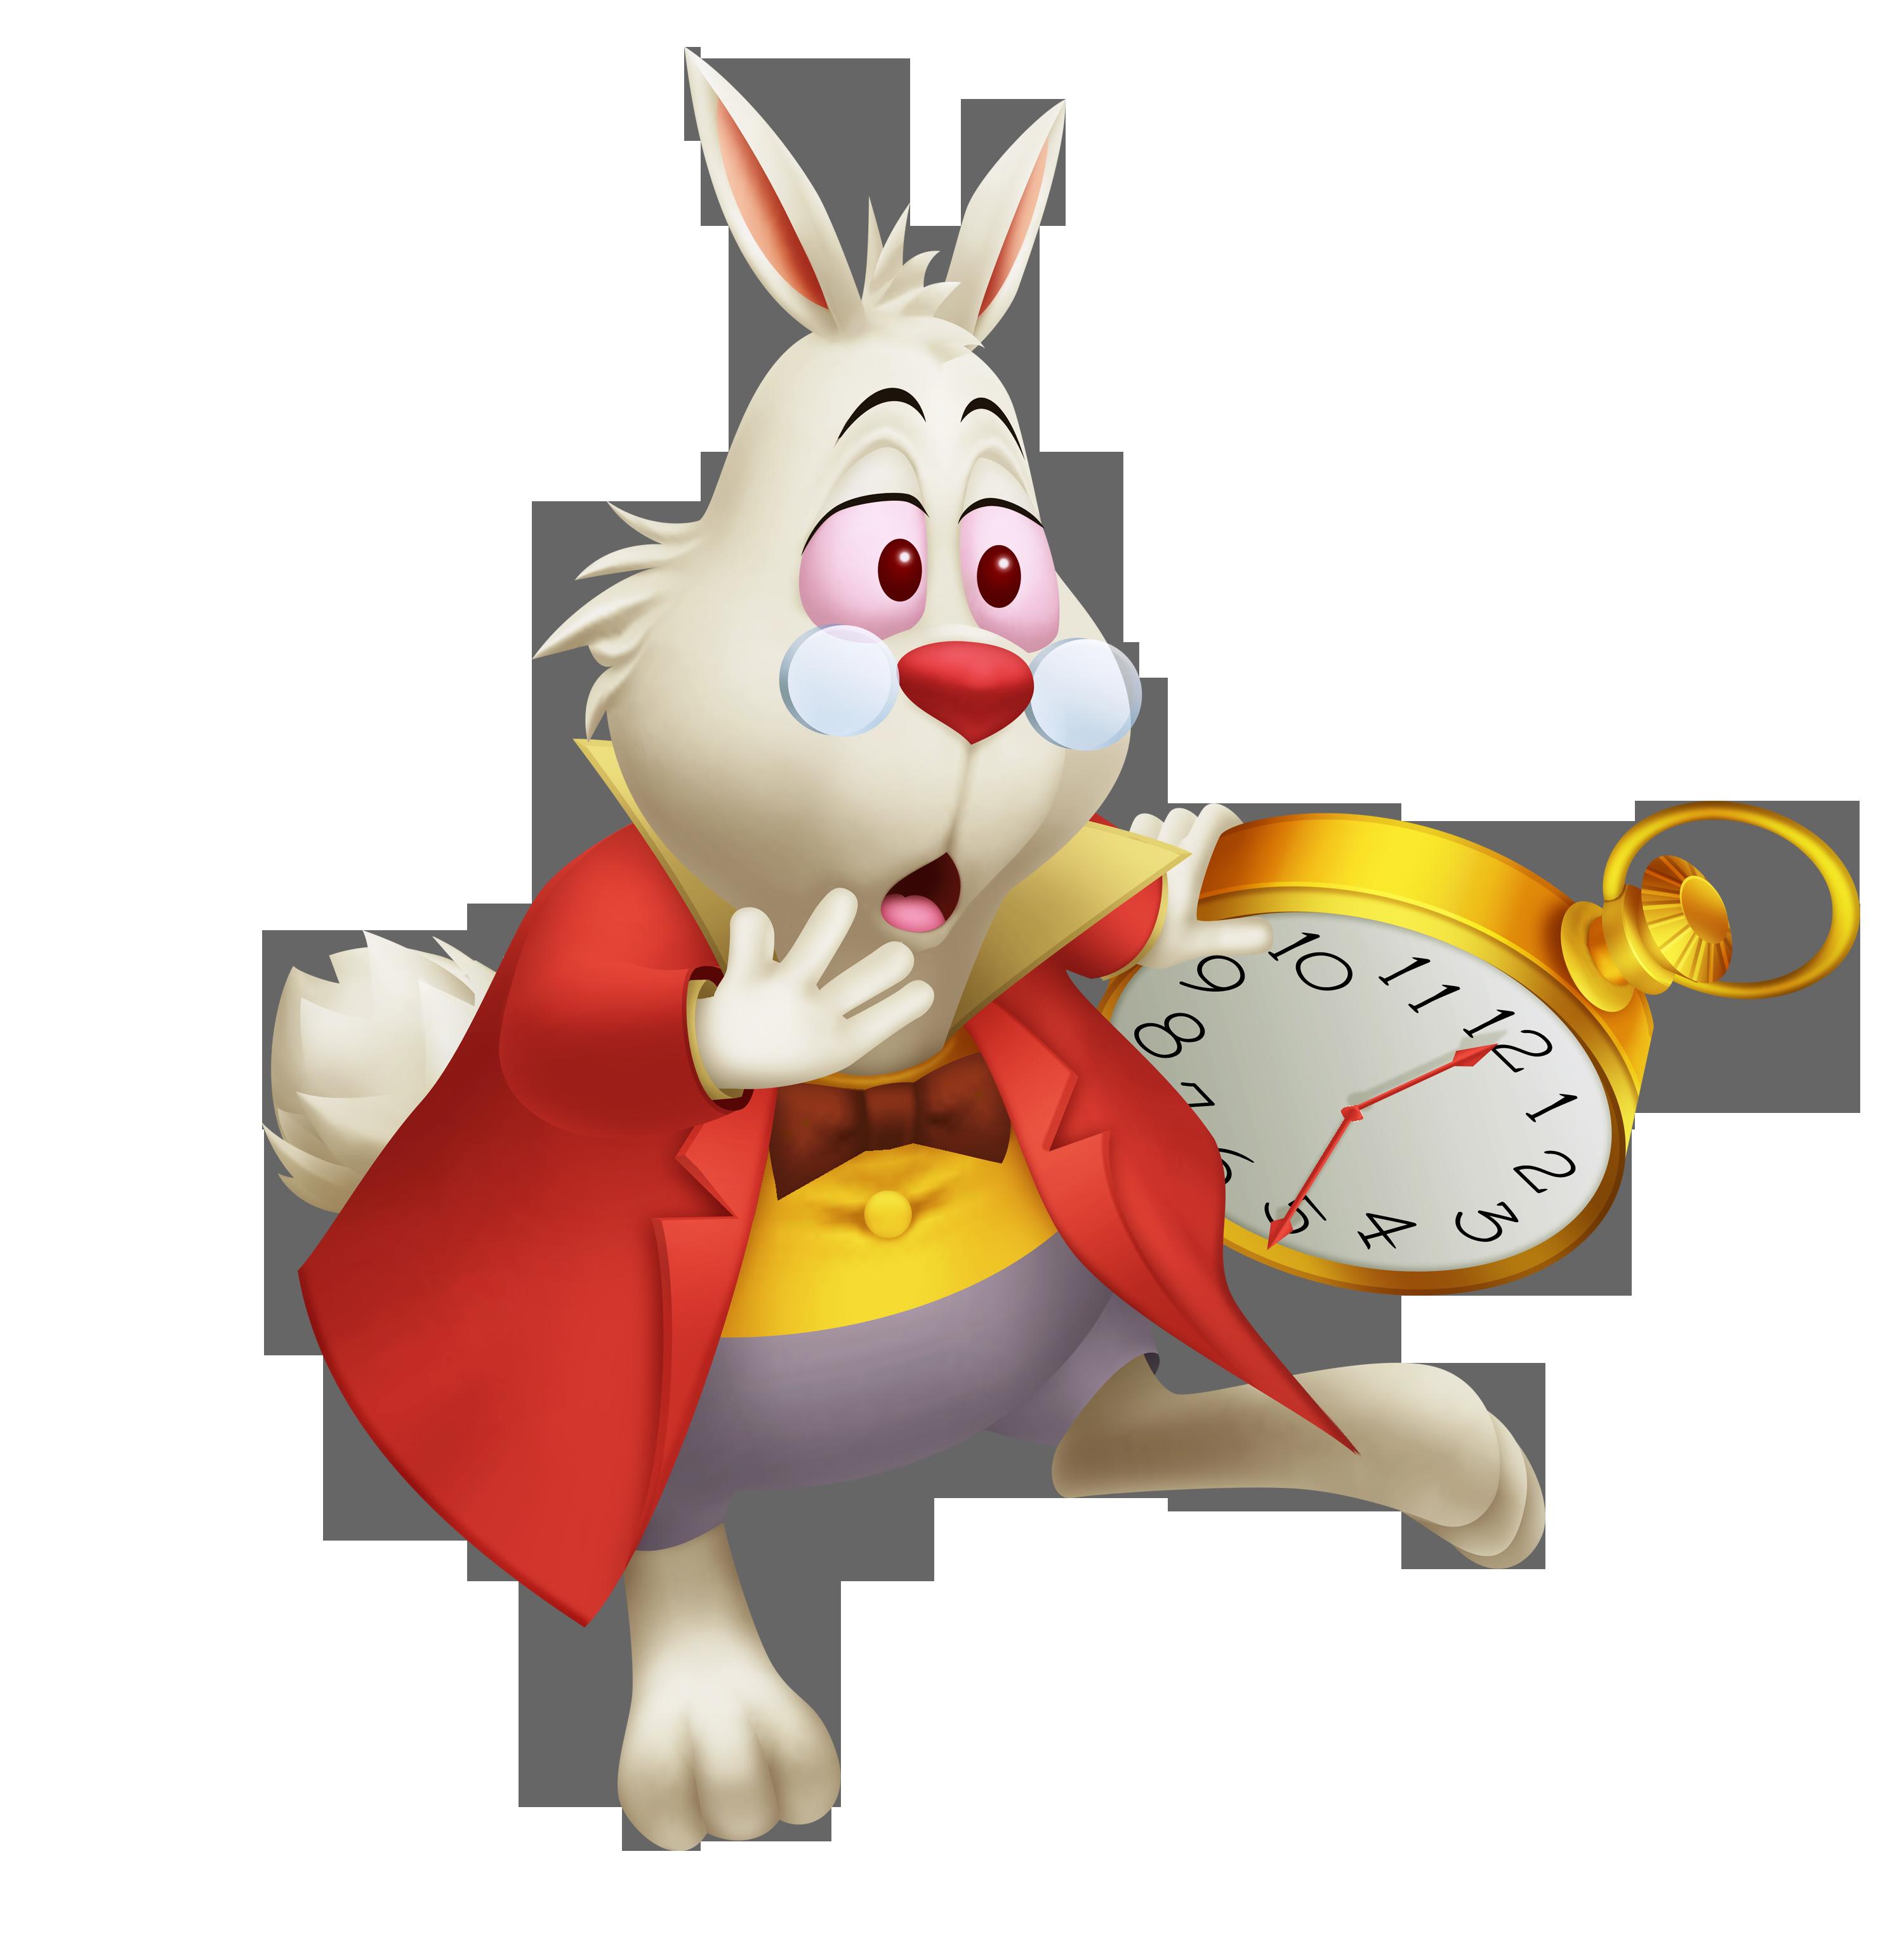 Toki The White Rabbit